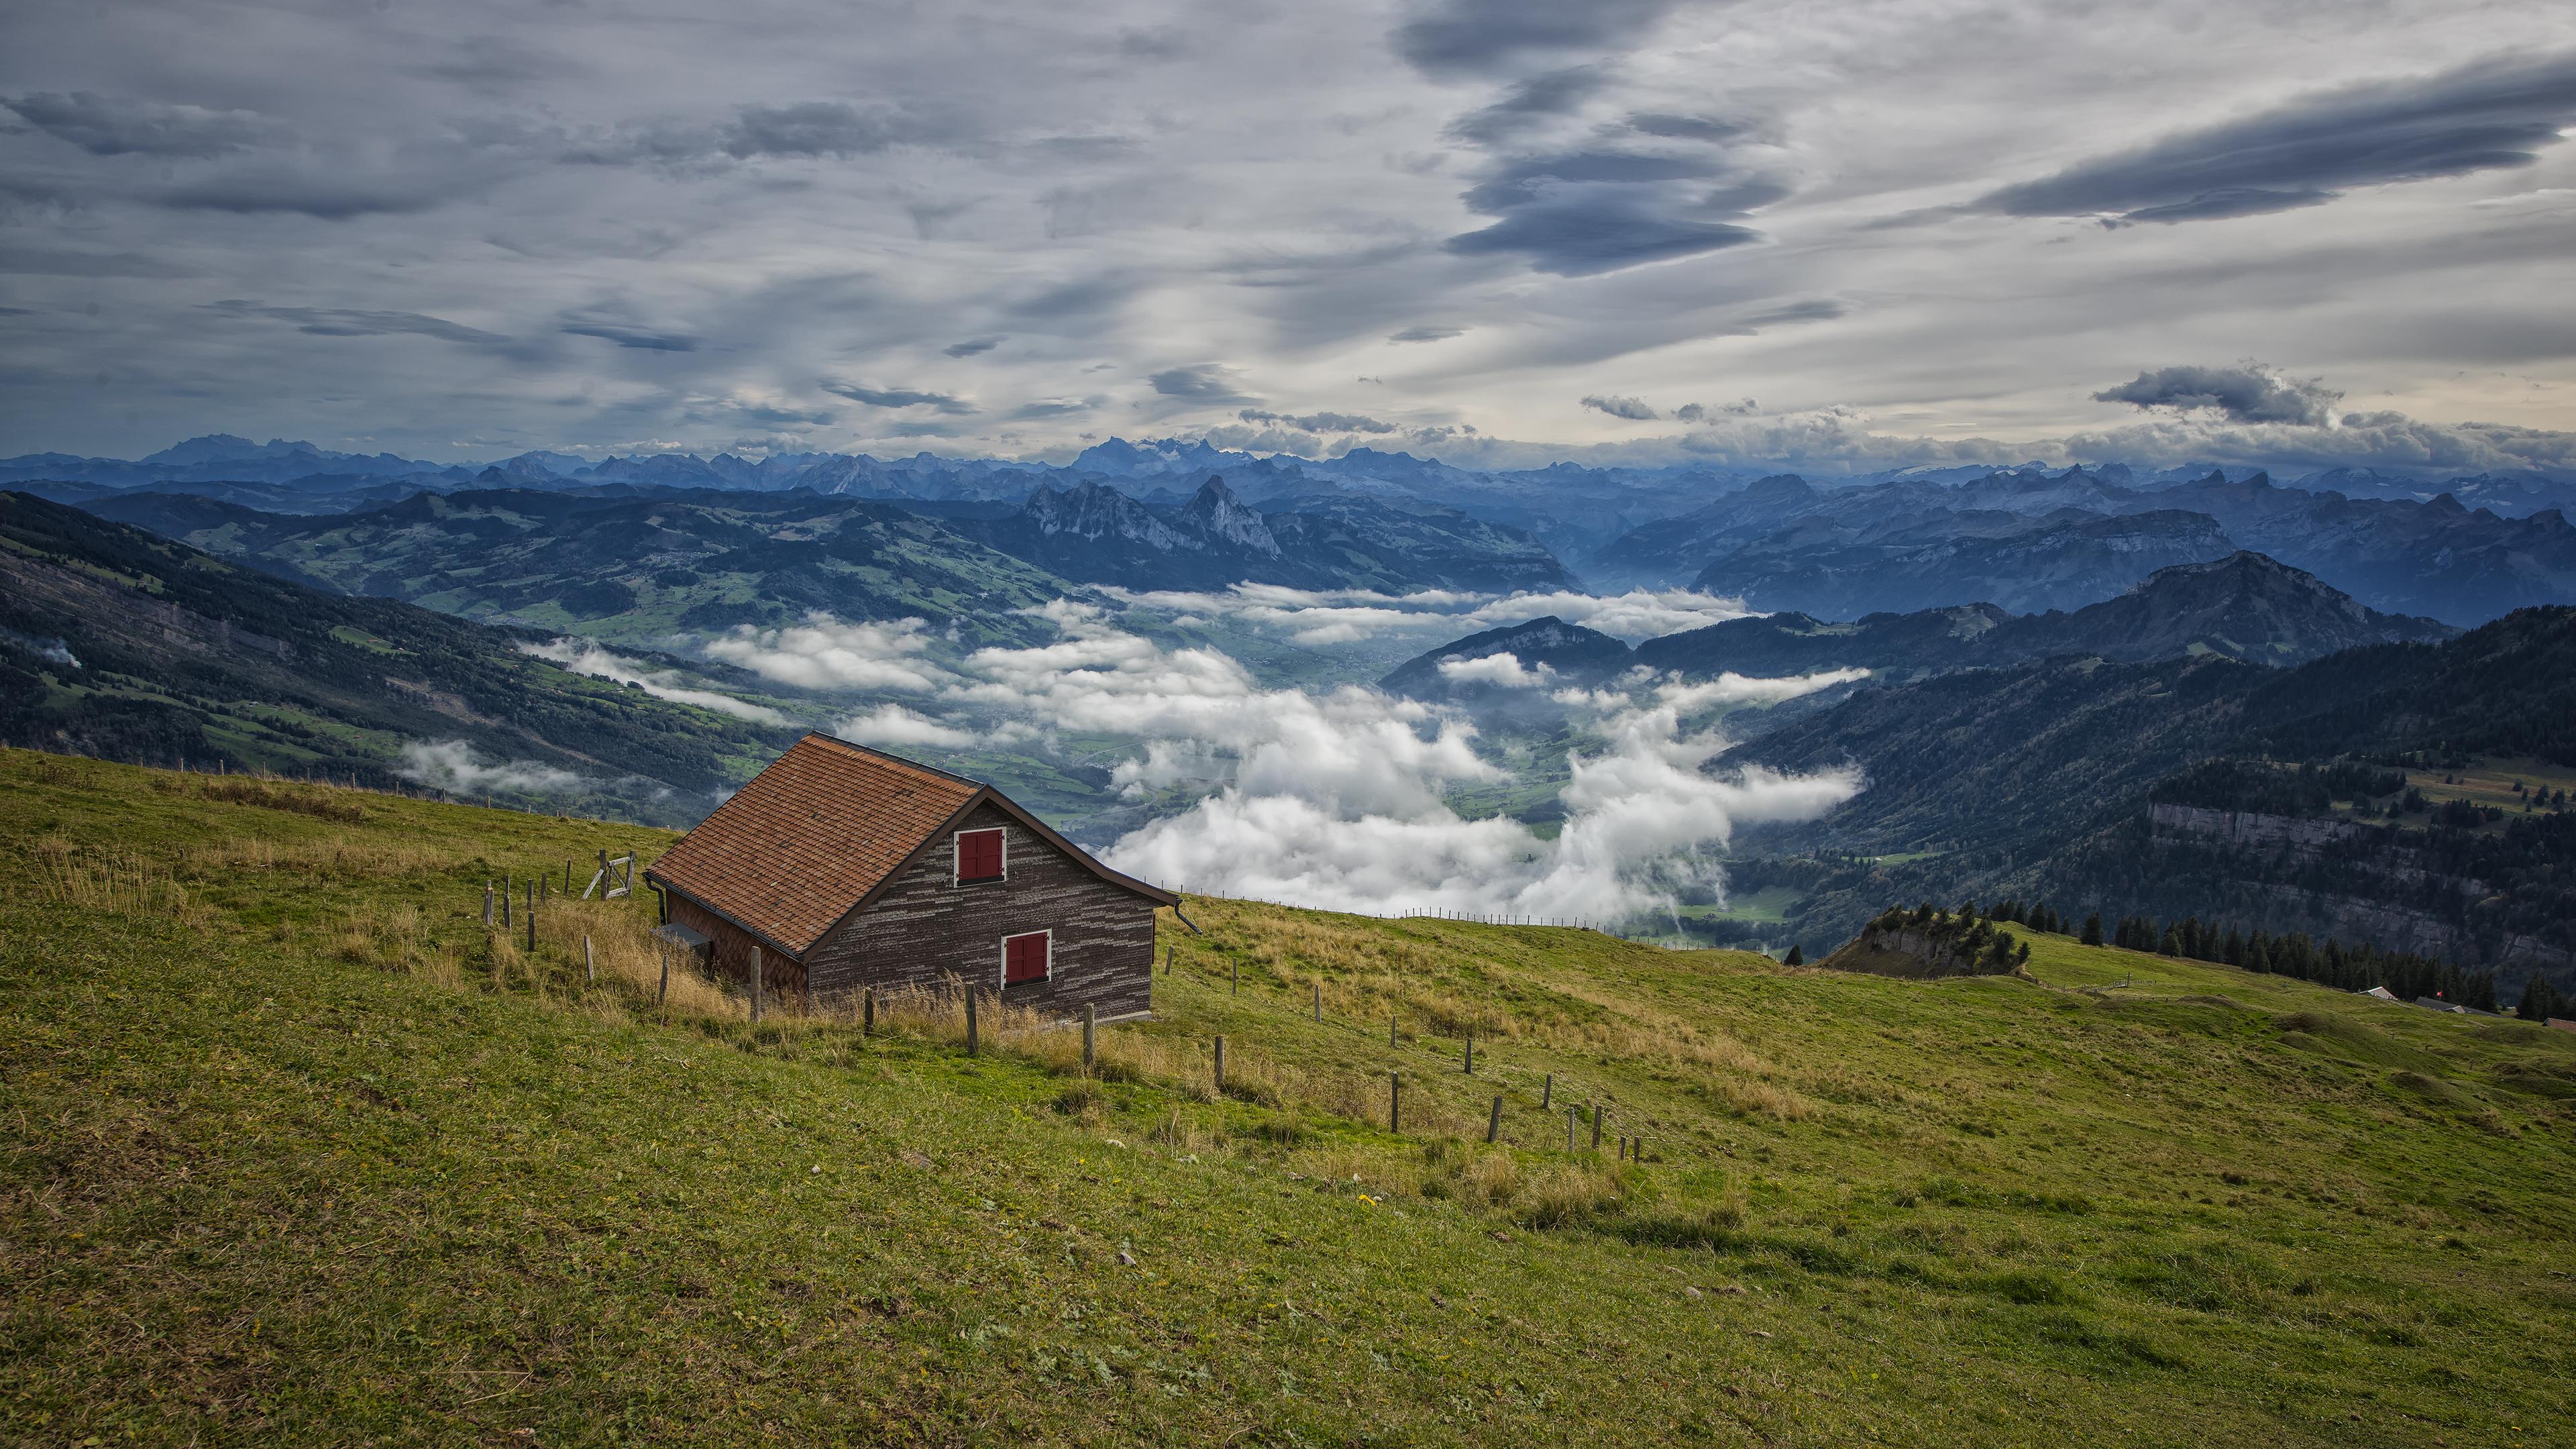 Atop Mt Rigi